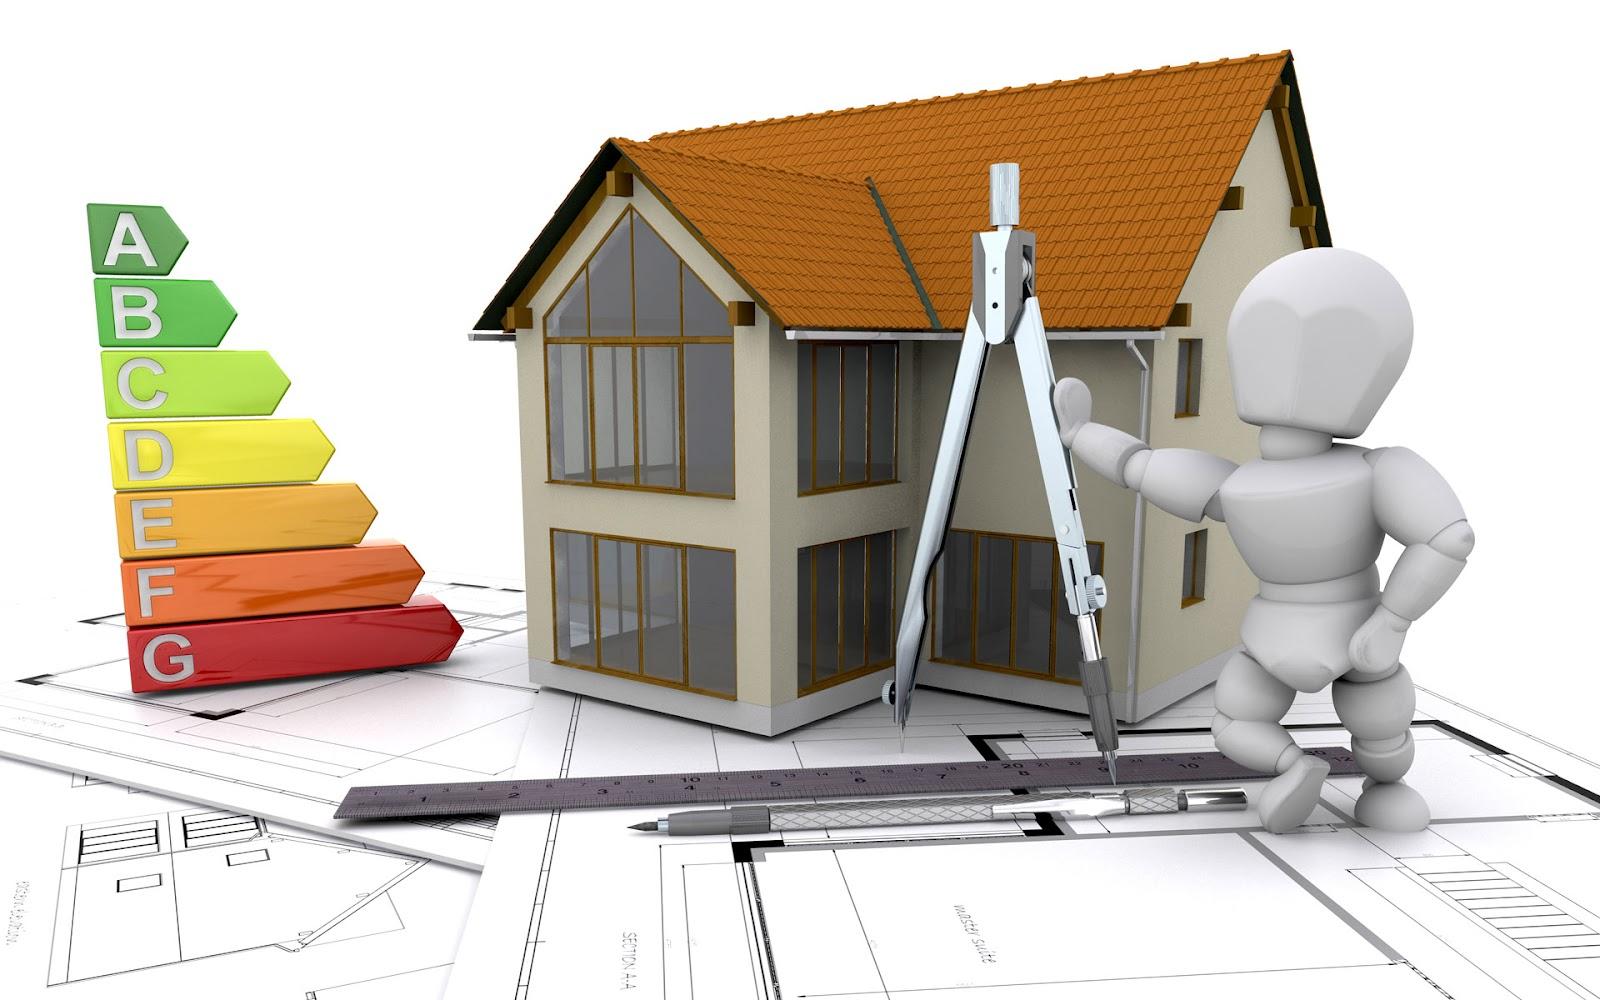 Ristrutturazione e riqualificazione energetica di edifici - Ristrutturazione edilizia incentivi ...